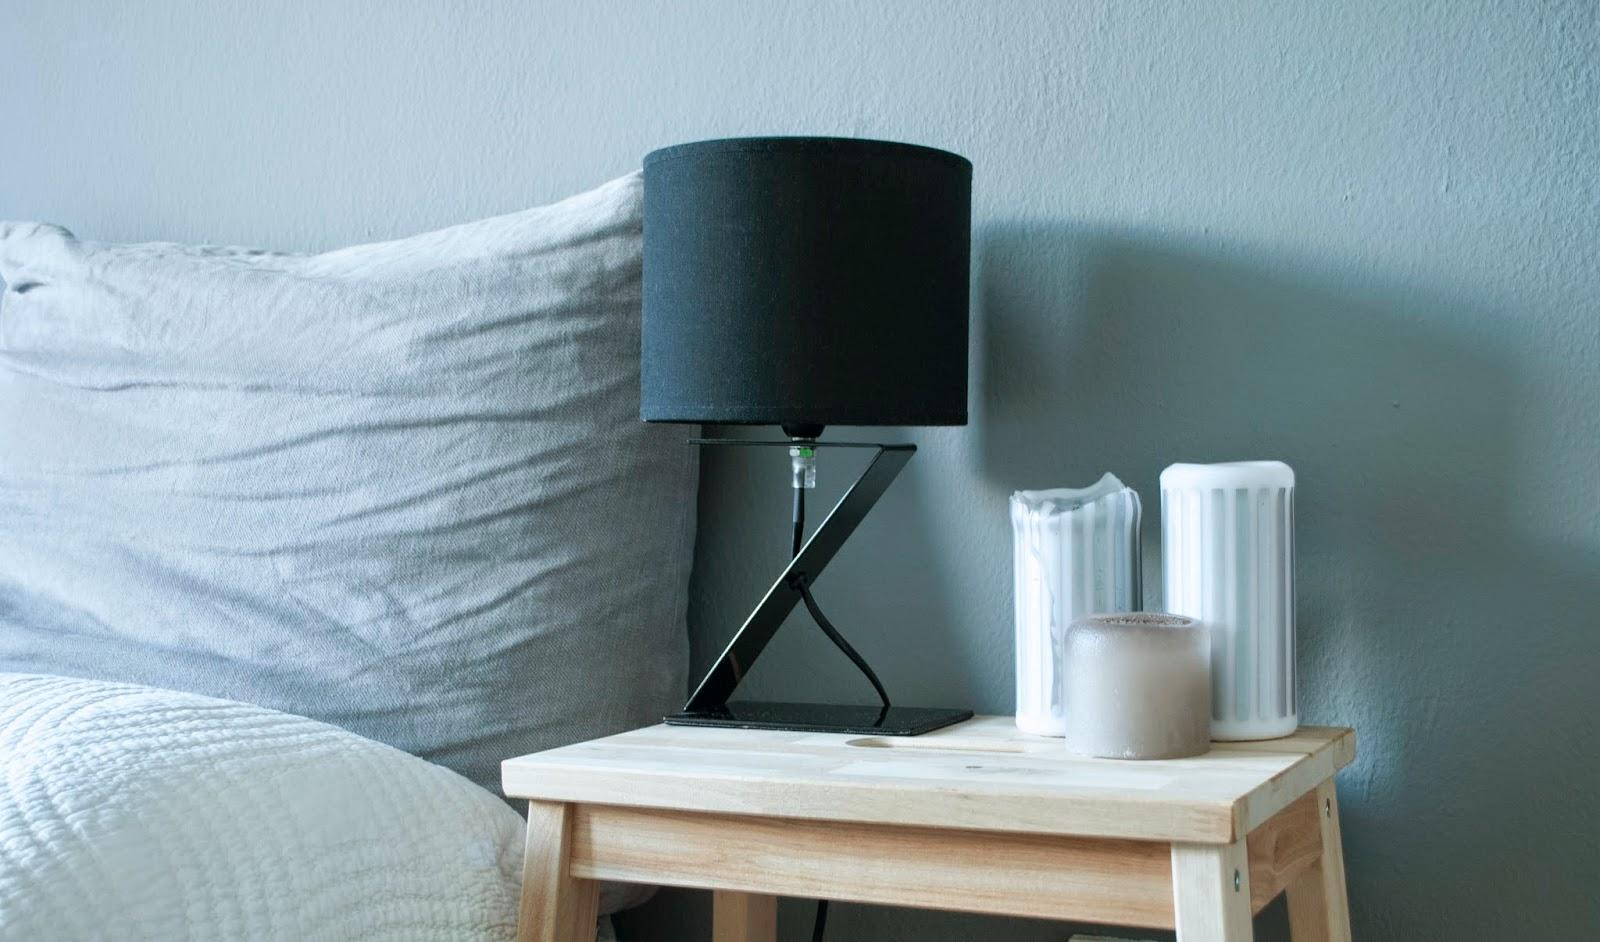 Bekväm als Nachttisch Interior Inspiration Einrichtung Dekoration Deko IKEA Ikea Möbelschwede Schlafzimmer Mehr als nur ein Leben Kerzen graue Wand